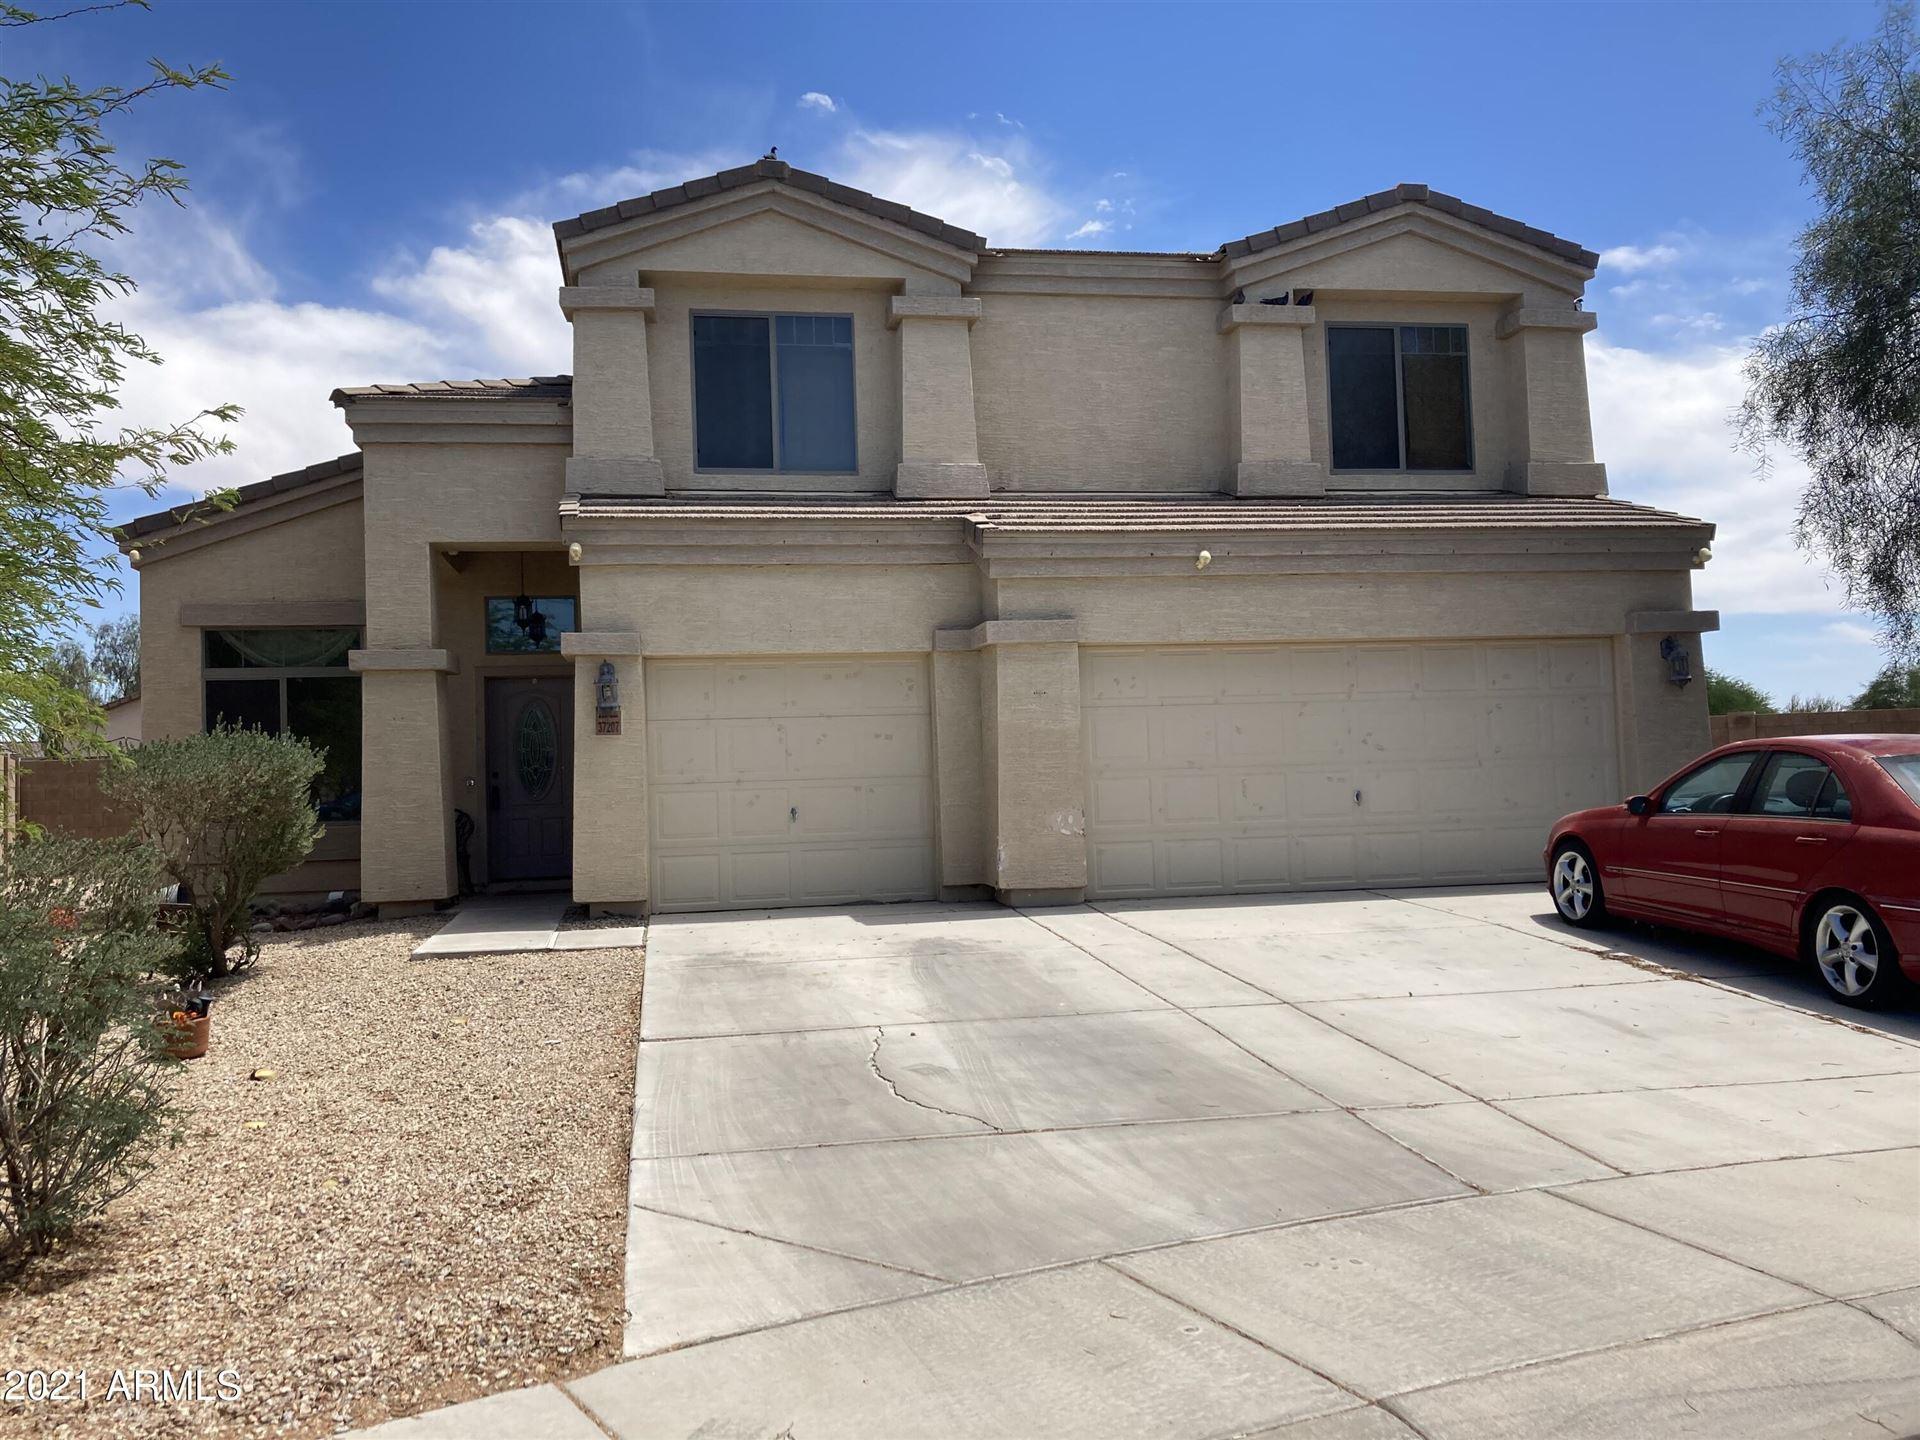 Photo of 37207 W LEONESSA Avenue, Maricopa, AZ 85138 (MLS # 6240035)